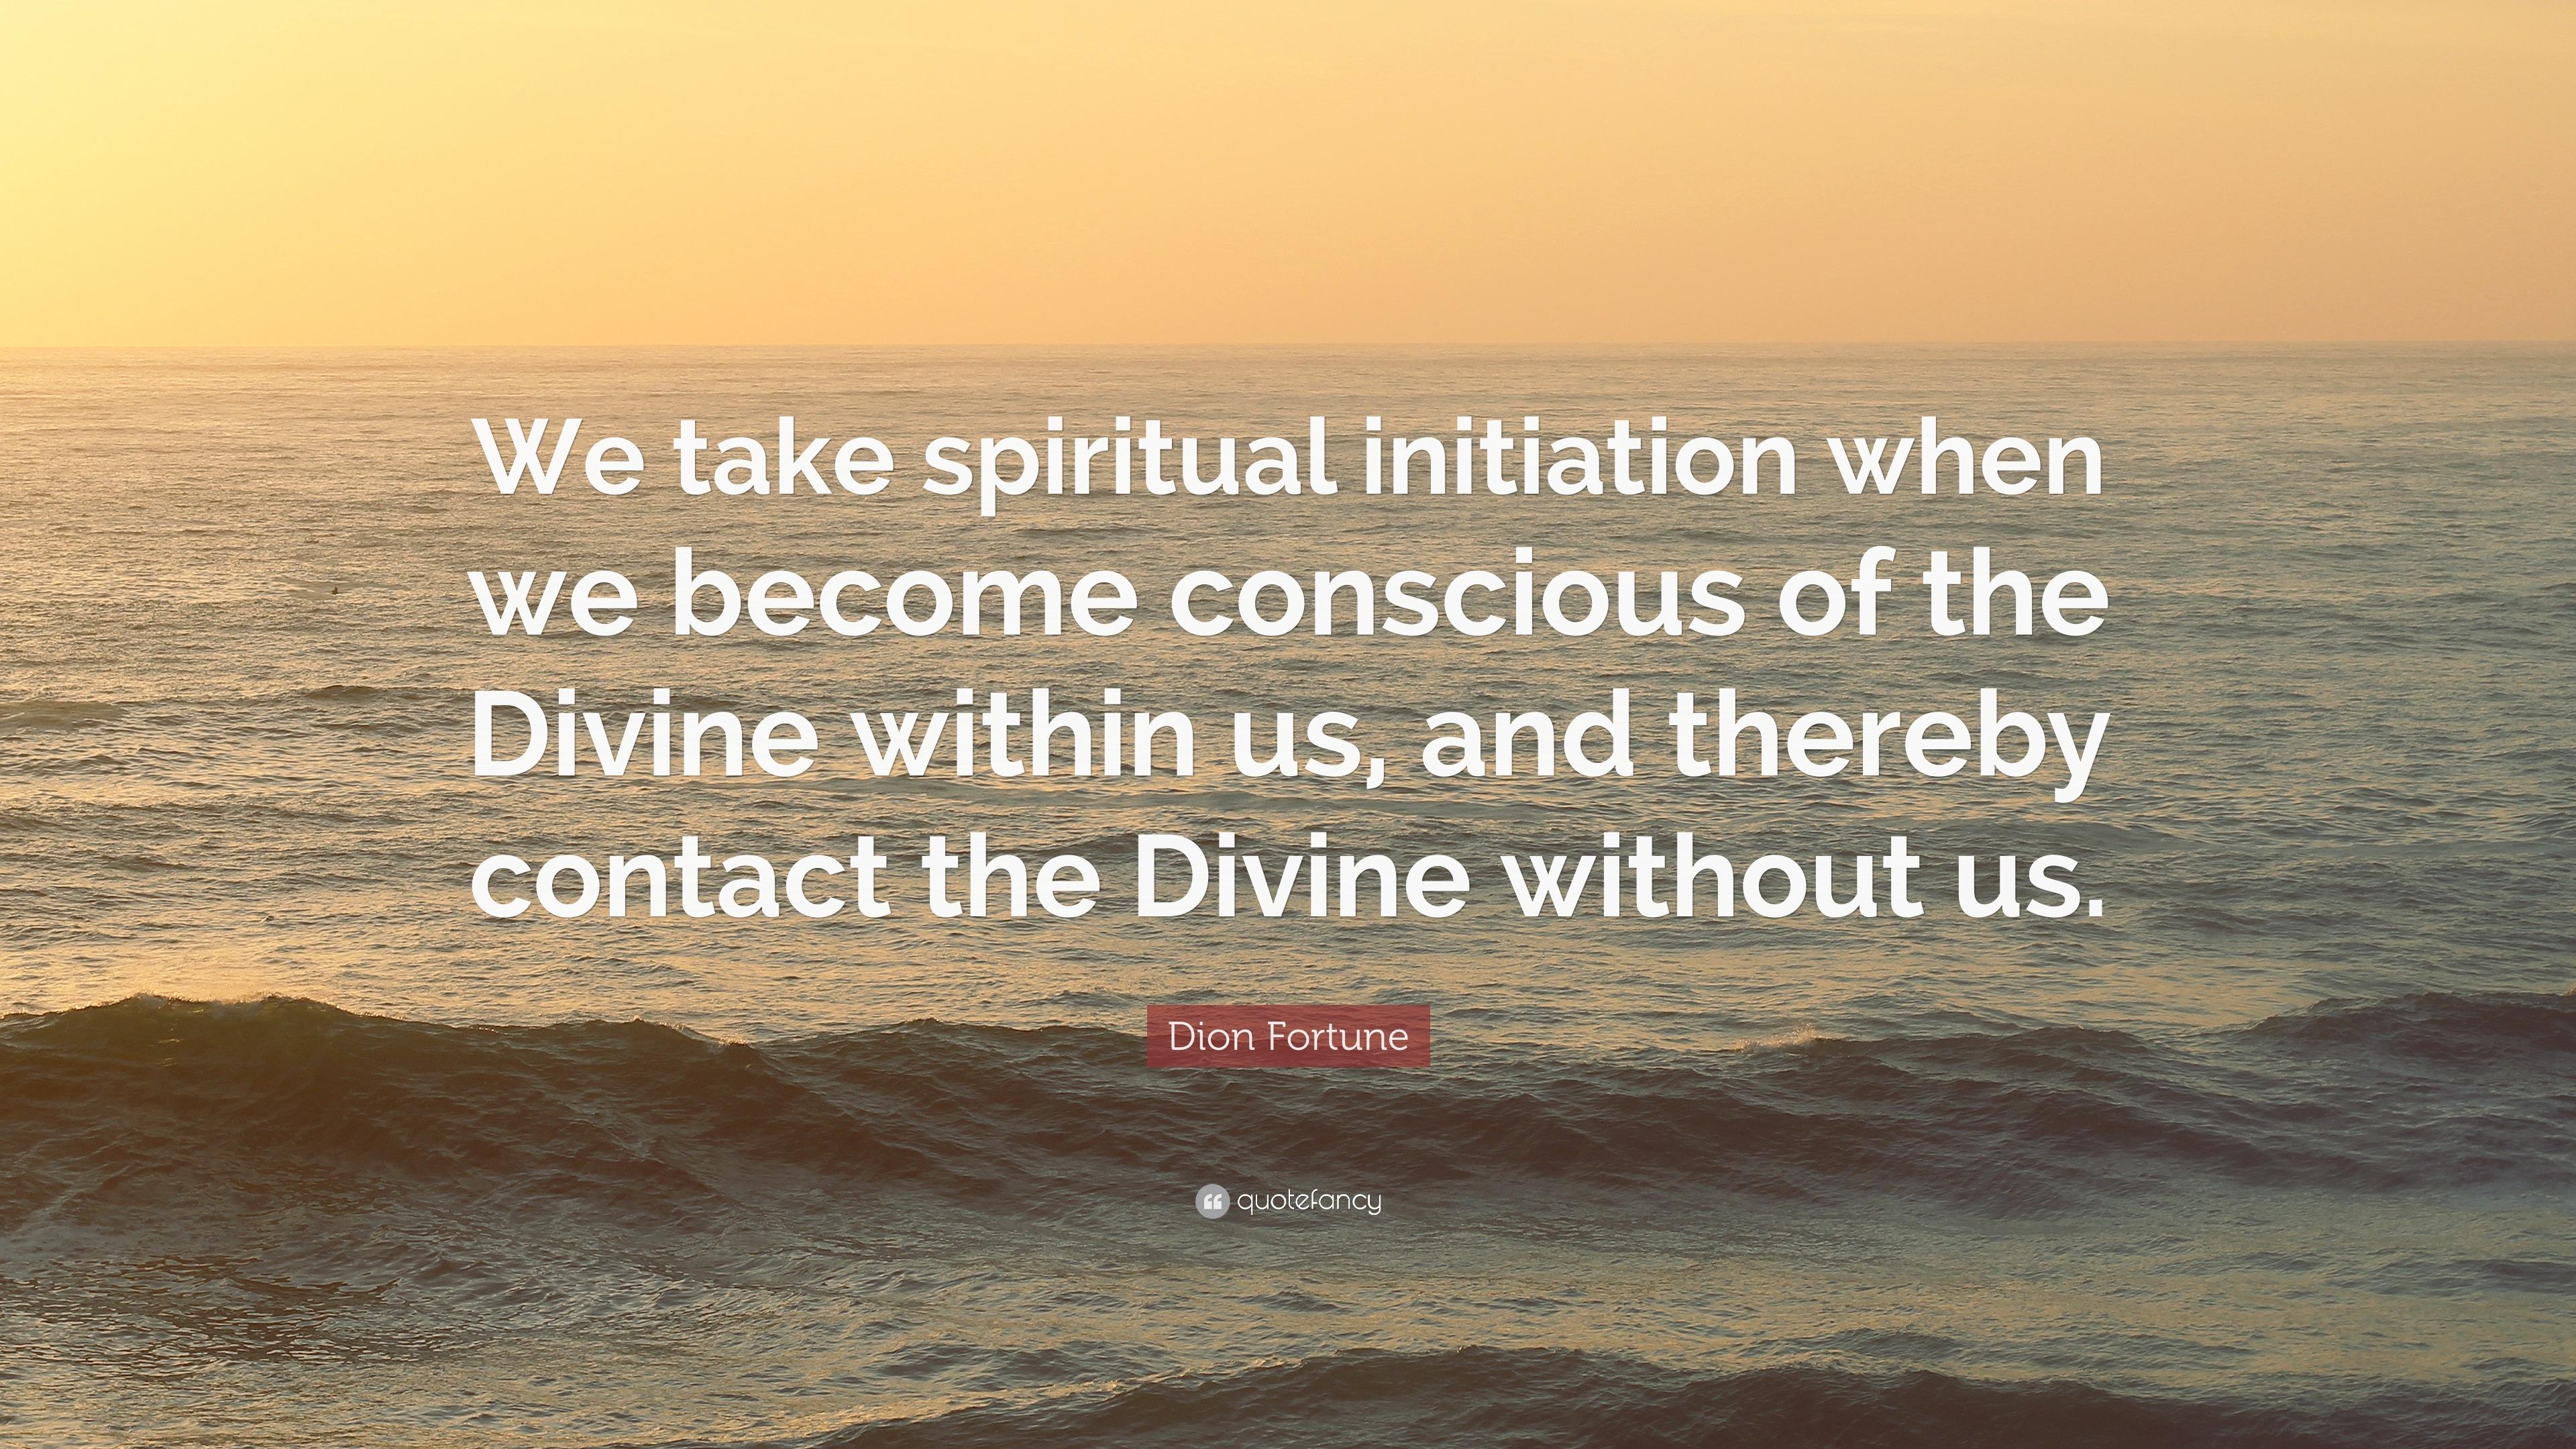 divine initiation